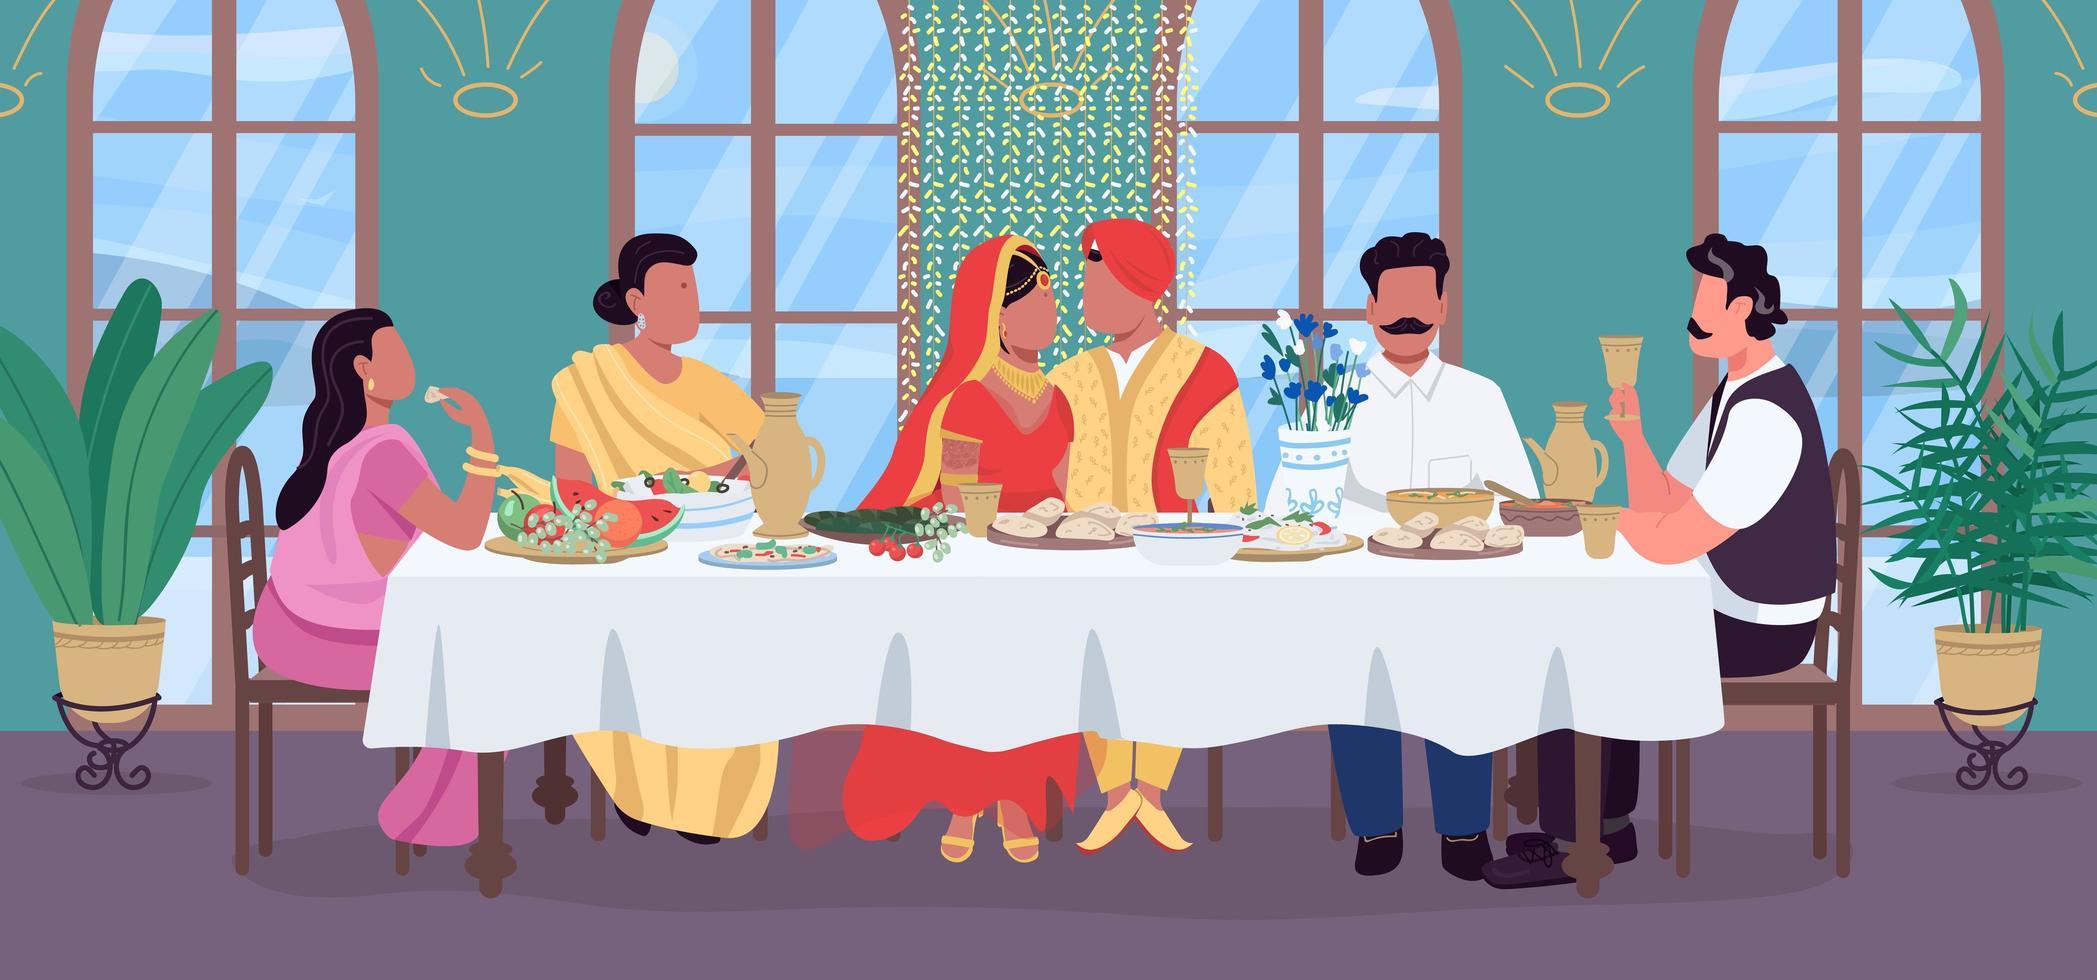 dîner de mariage indien vecteur